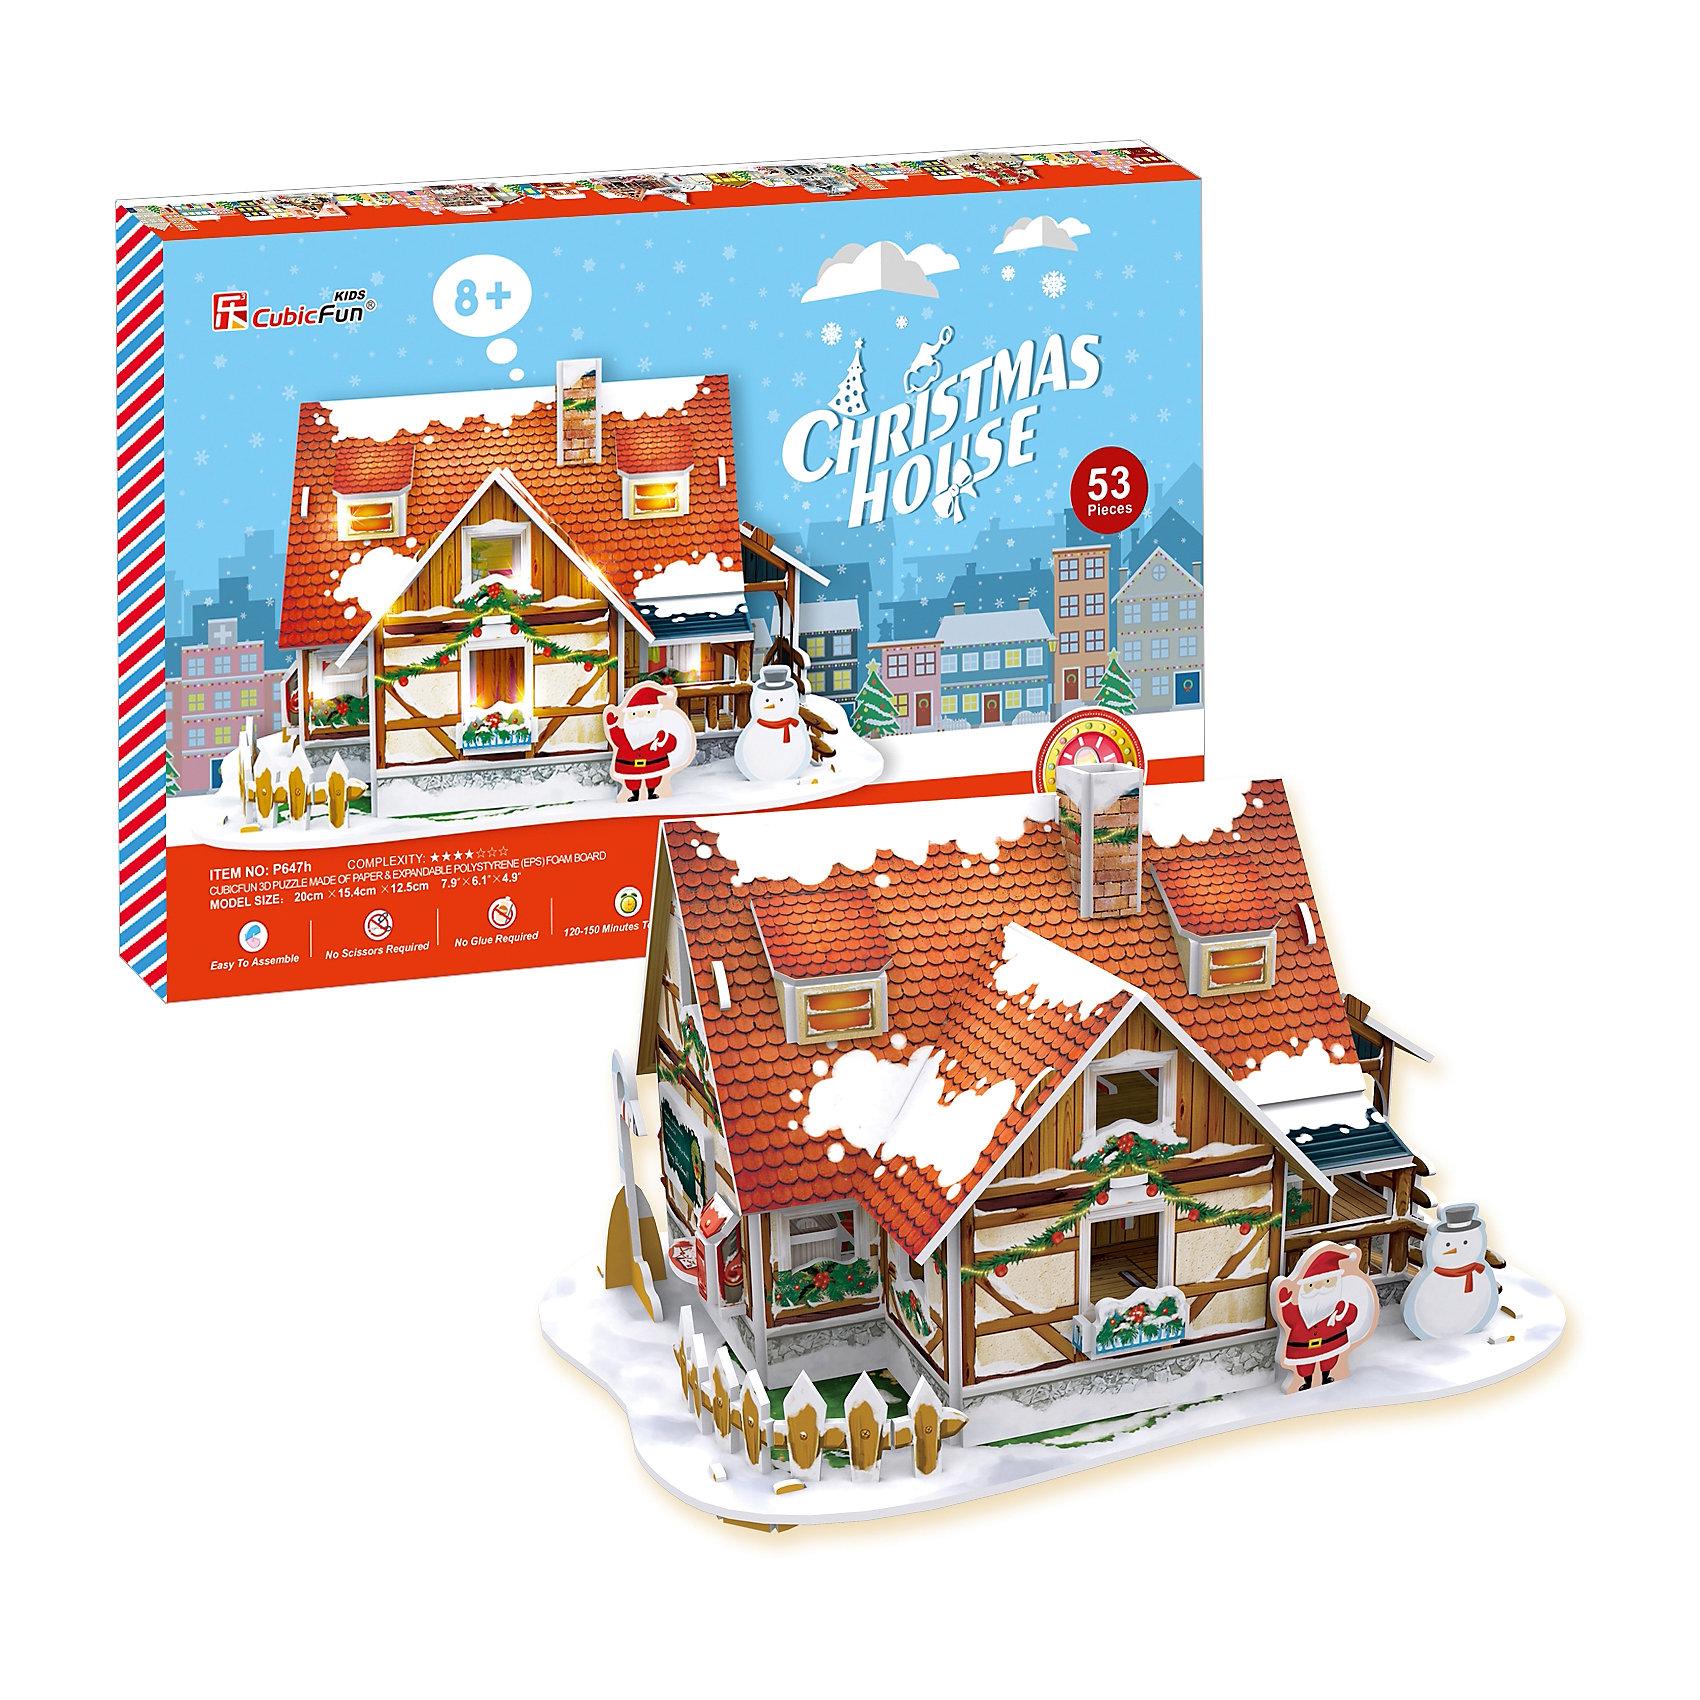 Рождественский домик 1, с подсветкой, CubicFunСказочный рождественский домик  ребенок может смастерить самостоятельно без клея и ножниц.  Детали легко и просто выдавливаются из картона и соединяются между собой с помощью специальных соединительных приспособлений. Этот домик украсит любую детскую комнату. С ним можно играть или просто поставить на полку и любоваться яркой и красивой поделкой. Игрушка помогает в развитии логики и творческих способностей ребенка, помогает в формировании мышления, речи, внимания, восприятия и воображения; развивает моторику рук; расширяет кругозор ребенка и стимулирует к познанию новой информации.<br><br>Дополнительная информация:<br><br>- Материал: ламинированный поликартон.<br>- Комплектация: детали пазла, инструкция, база со светодиодами.<br>- Элемент питания: 3 ААА батарейки (не входят в комплект).<br>- Размер в собранном виде: 20 х 15,4 х 12,5 см.<br>- Количество деталей: 53 шт.<br>- Обучающая, яркая и реалистичная модель.<br>- Идеально и легко собирается без инструментов.<br>- Увлекательный игровой процесс.<br><br>Рождественский домик 1, с подсветкой, CubicFun, можно купить в нашем магазине.<br><br>Ширина мм: 340<br>Глубина мм: 220<br>Высота мм: 25<br>Вес г: 304<br>Возраст от месяцев: 72<br>Возраст до месяцев: 192<br>Пол: Унисекс<br>Возраст: Детский<br>SKU: 4278435